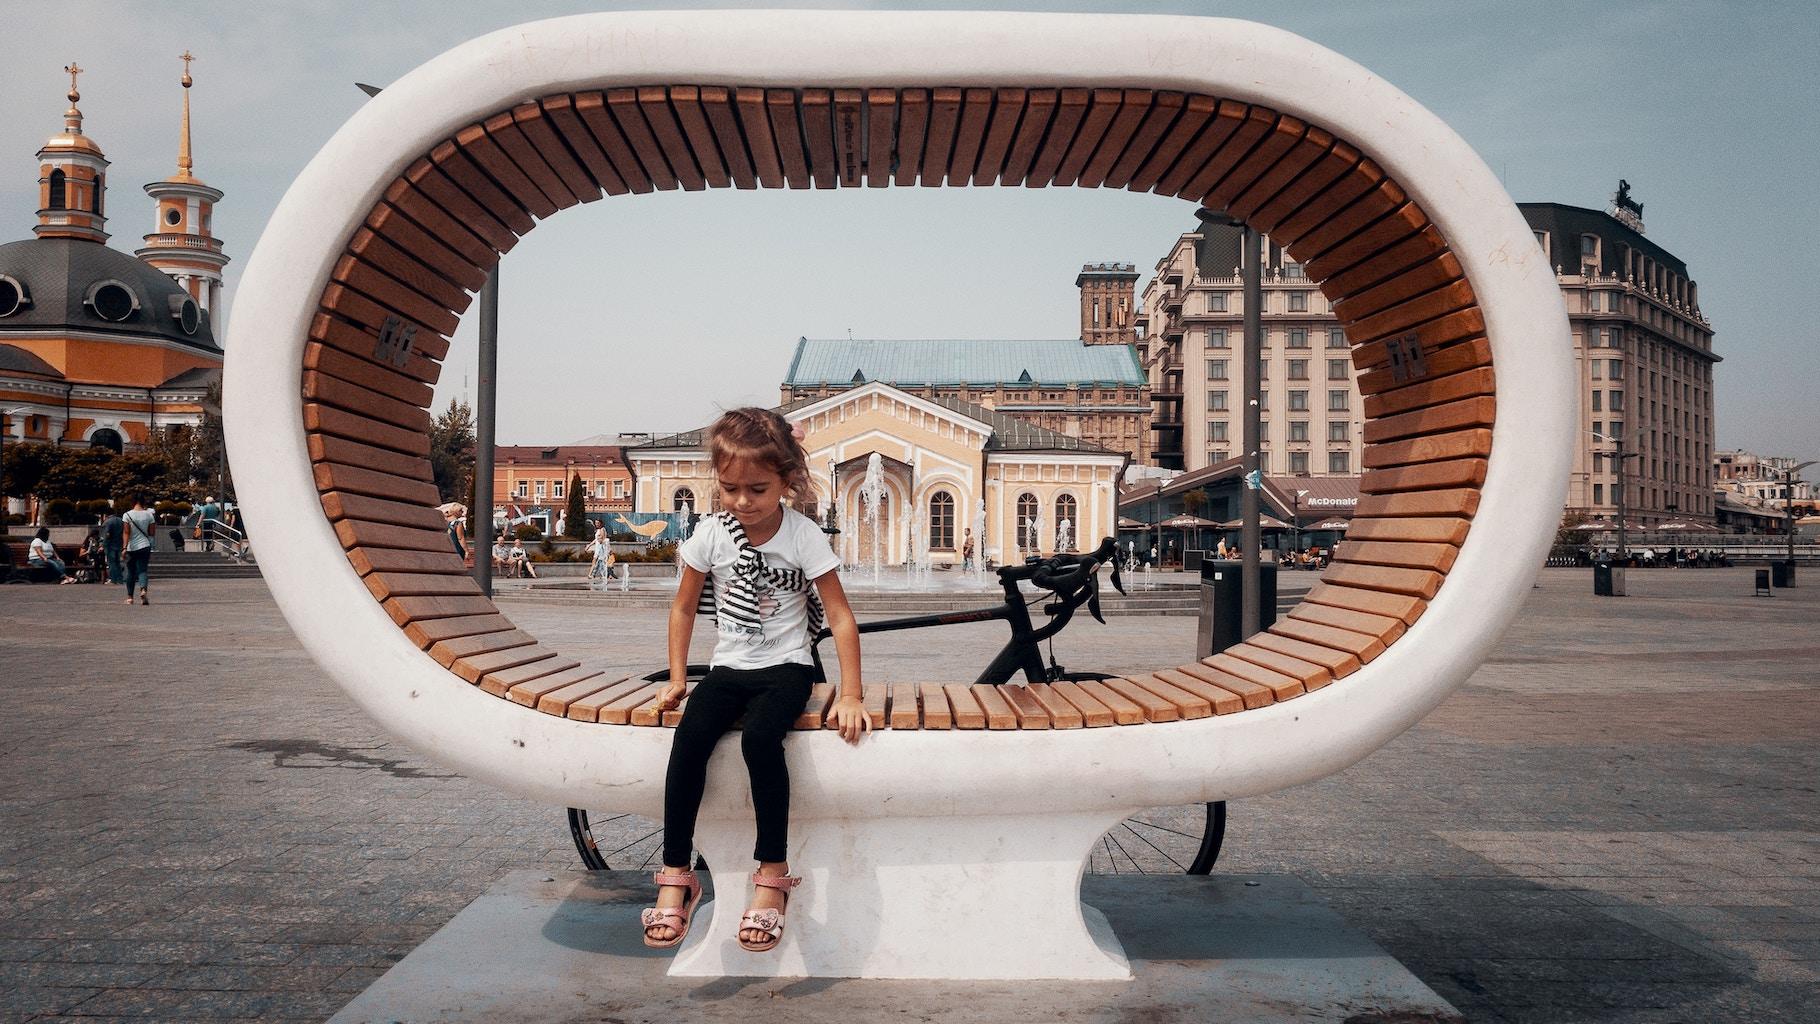 Як змінився дизайн міського простору за 27 років — українські реалії